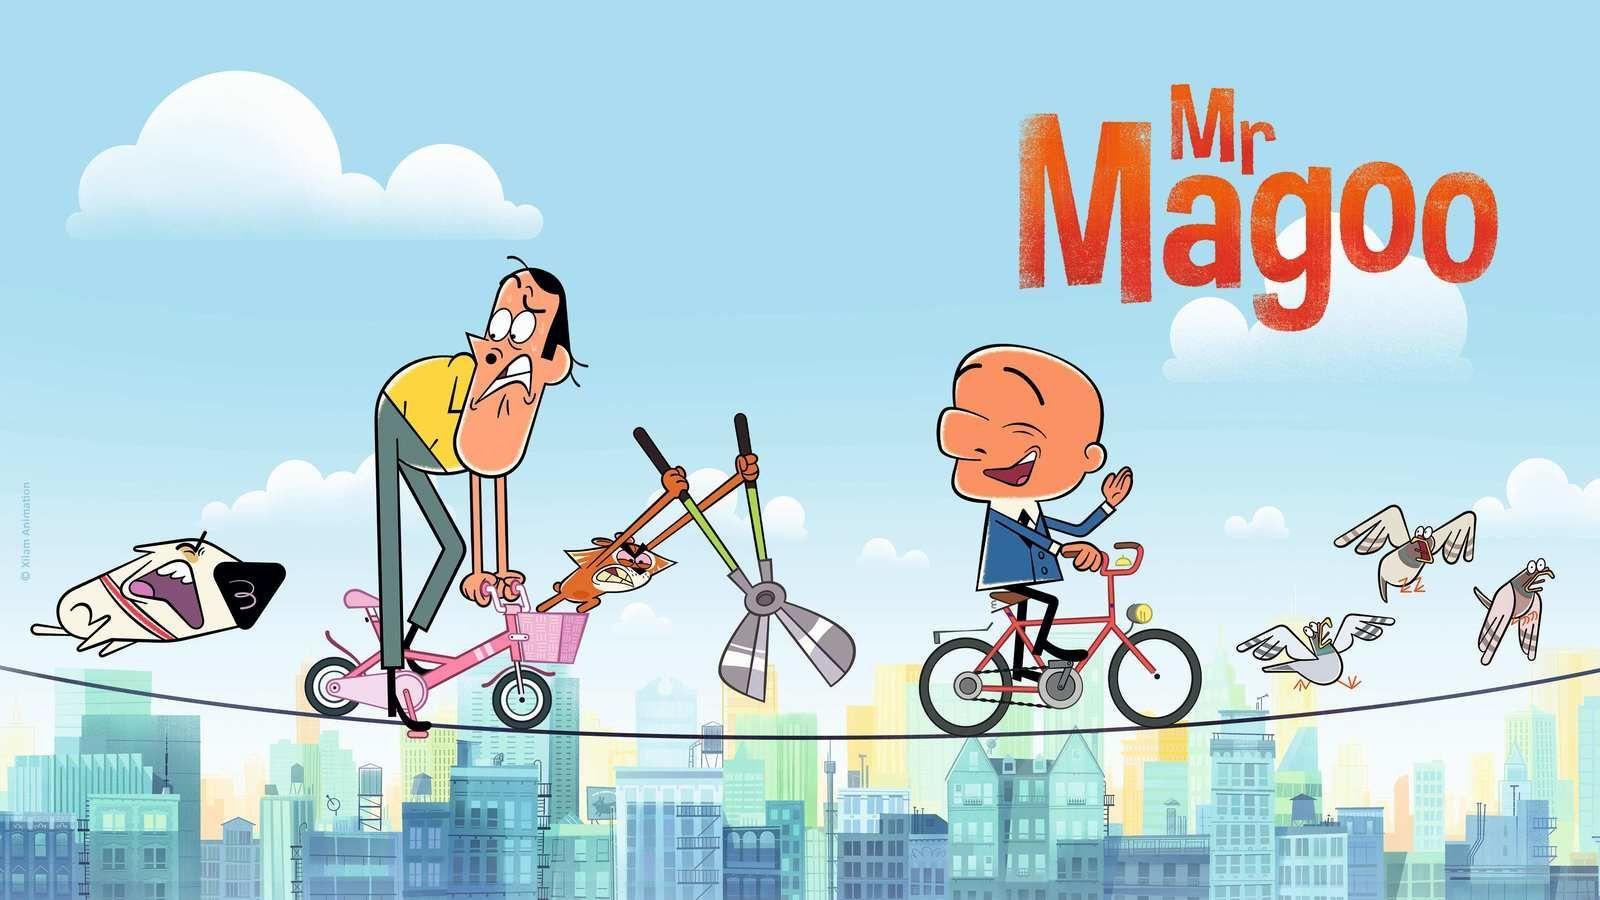 La nouvelle version de la série animée Mr Magoo dès le 4 mai sur France 4.